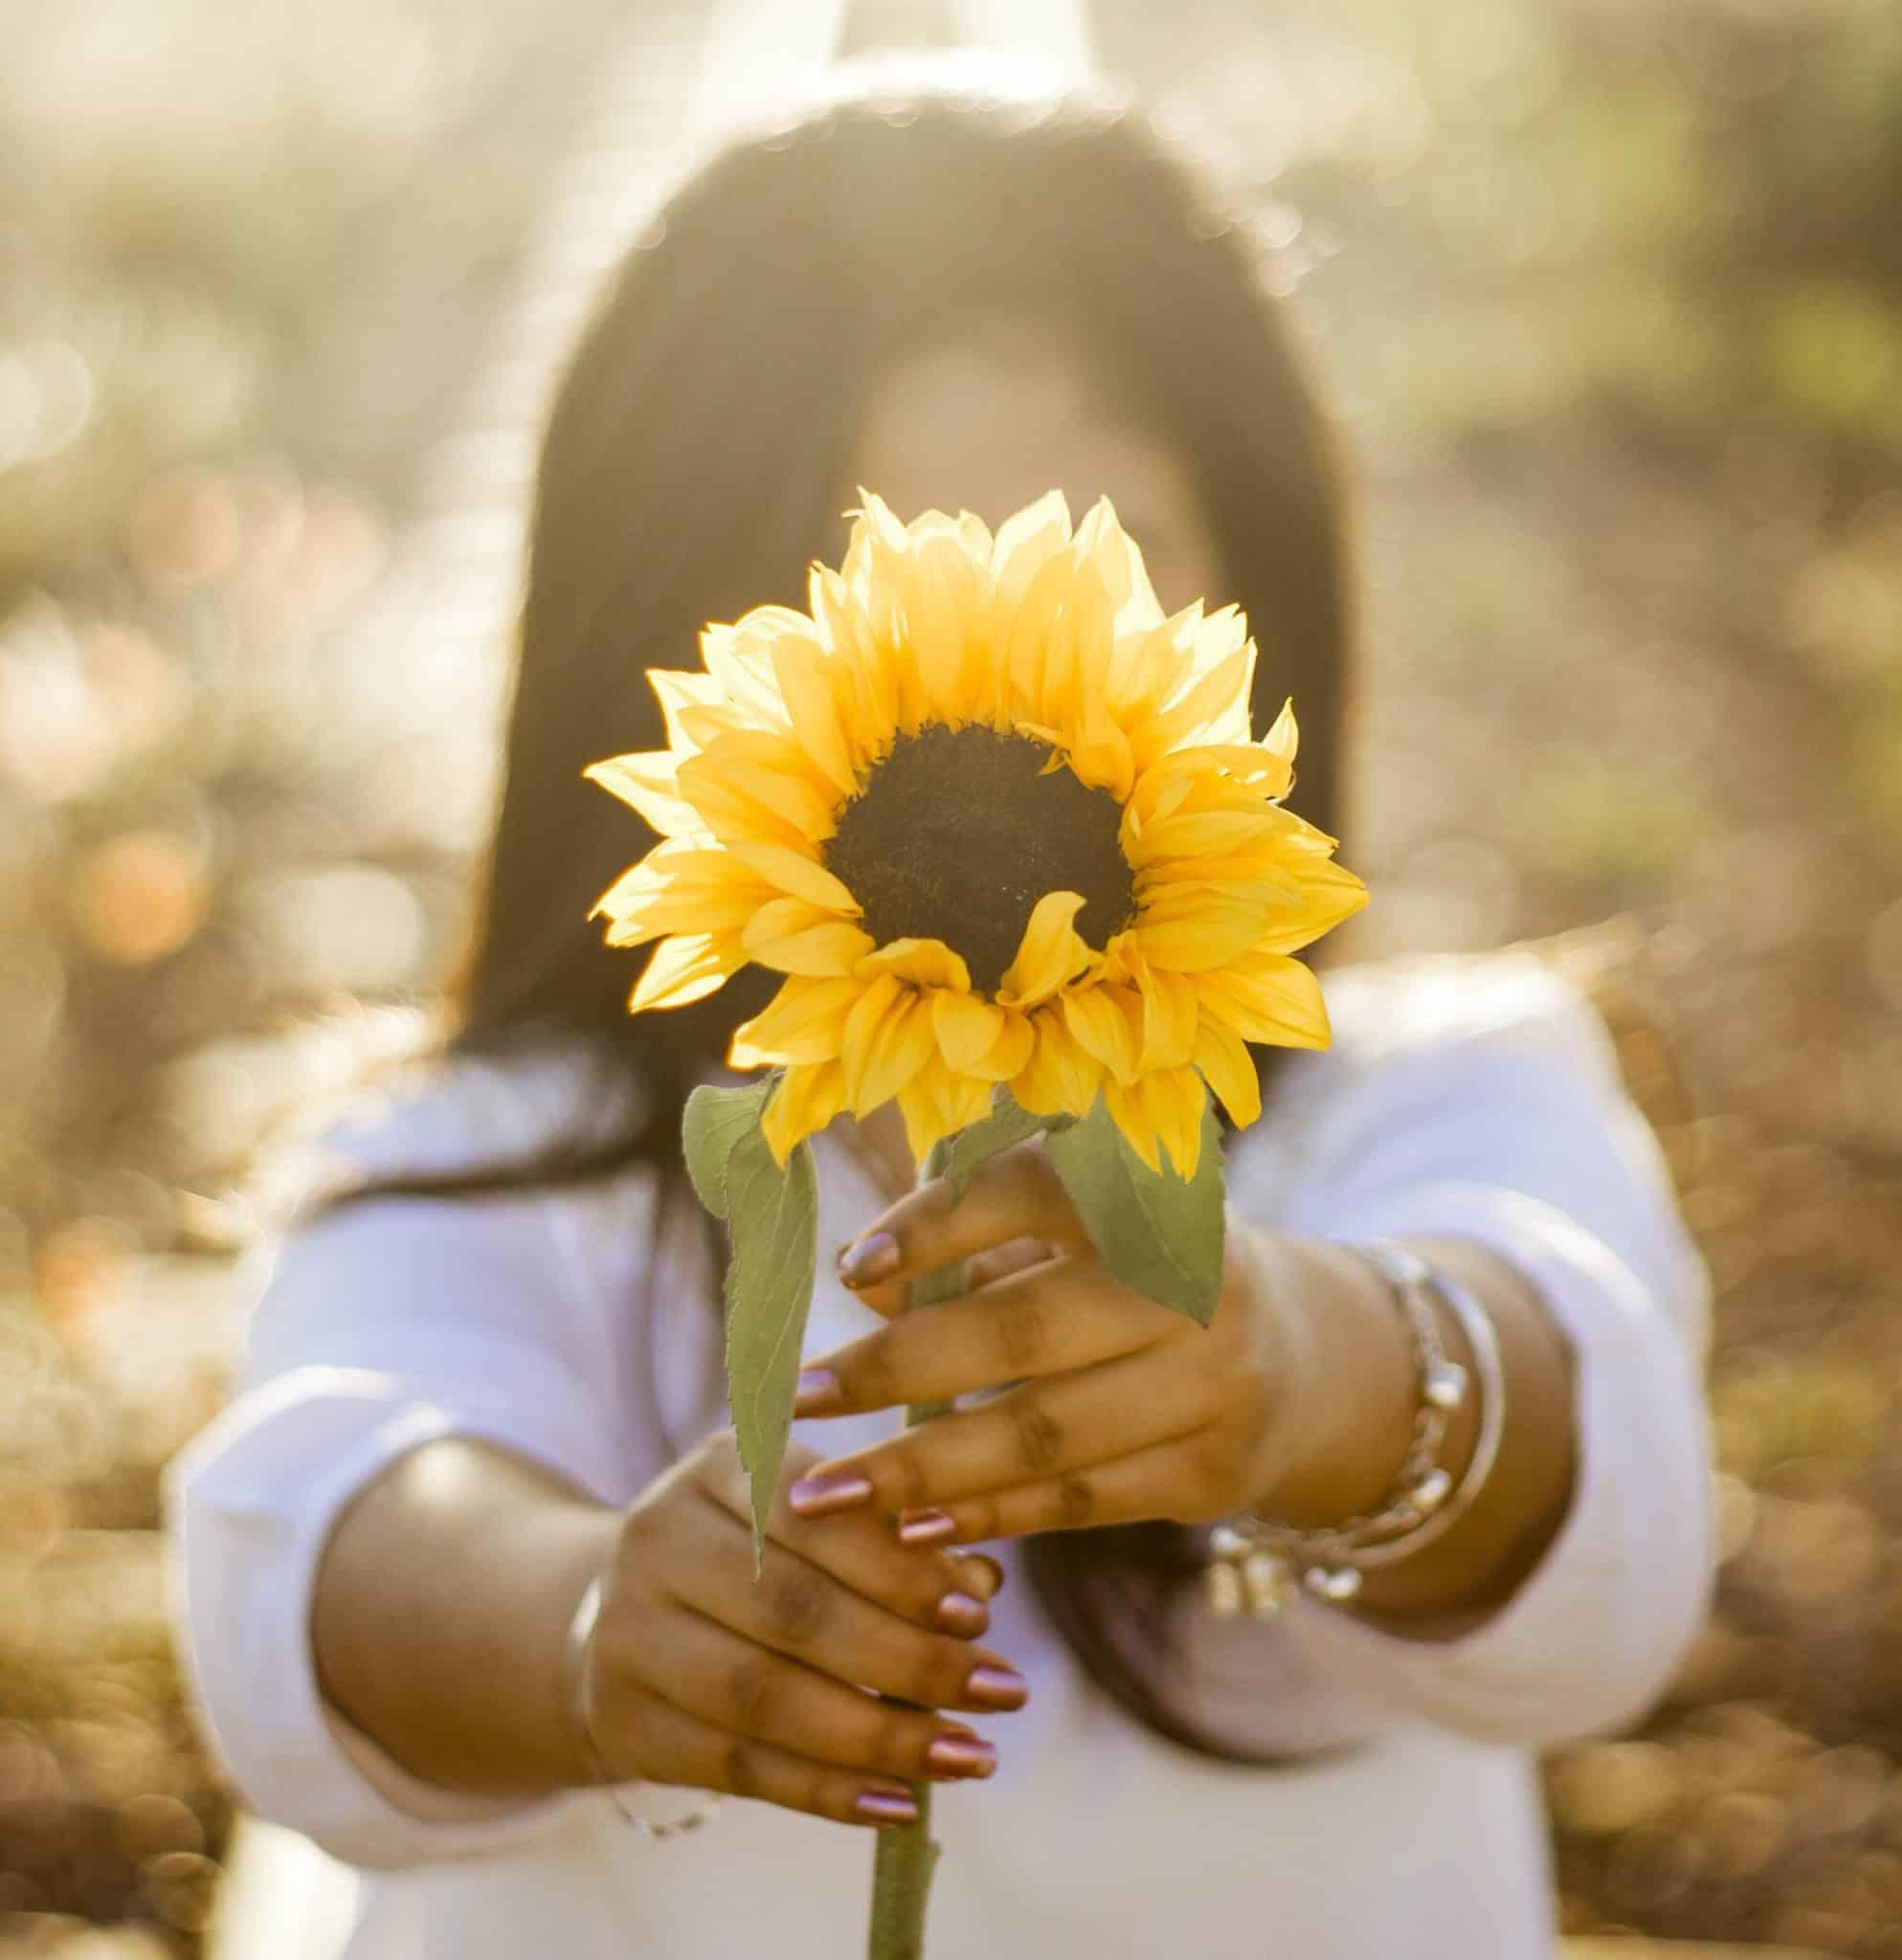 woman offering a sunflower